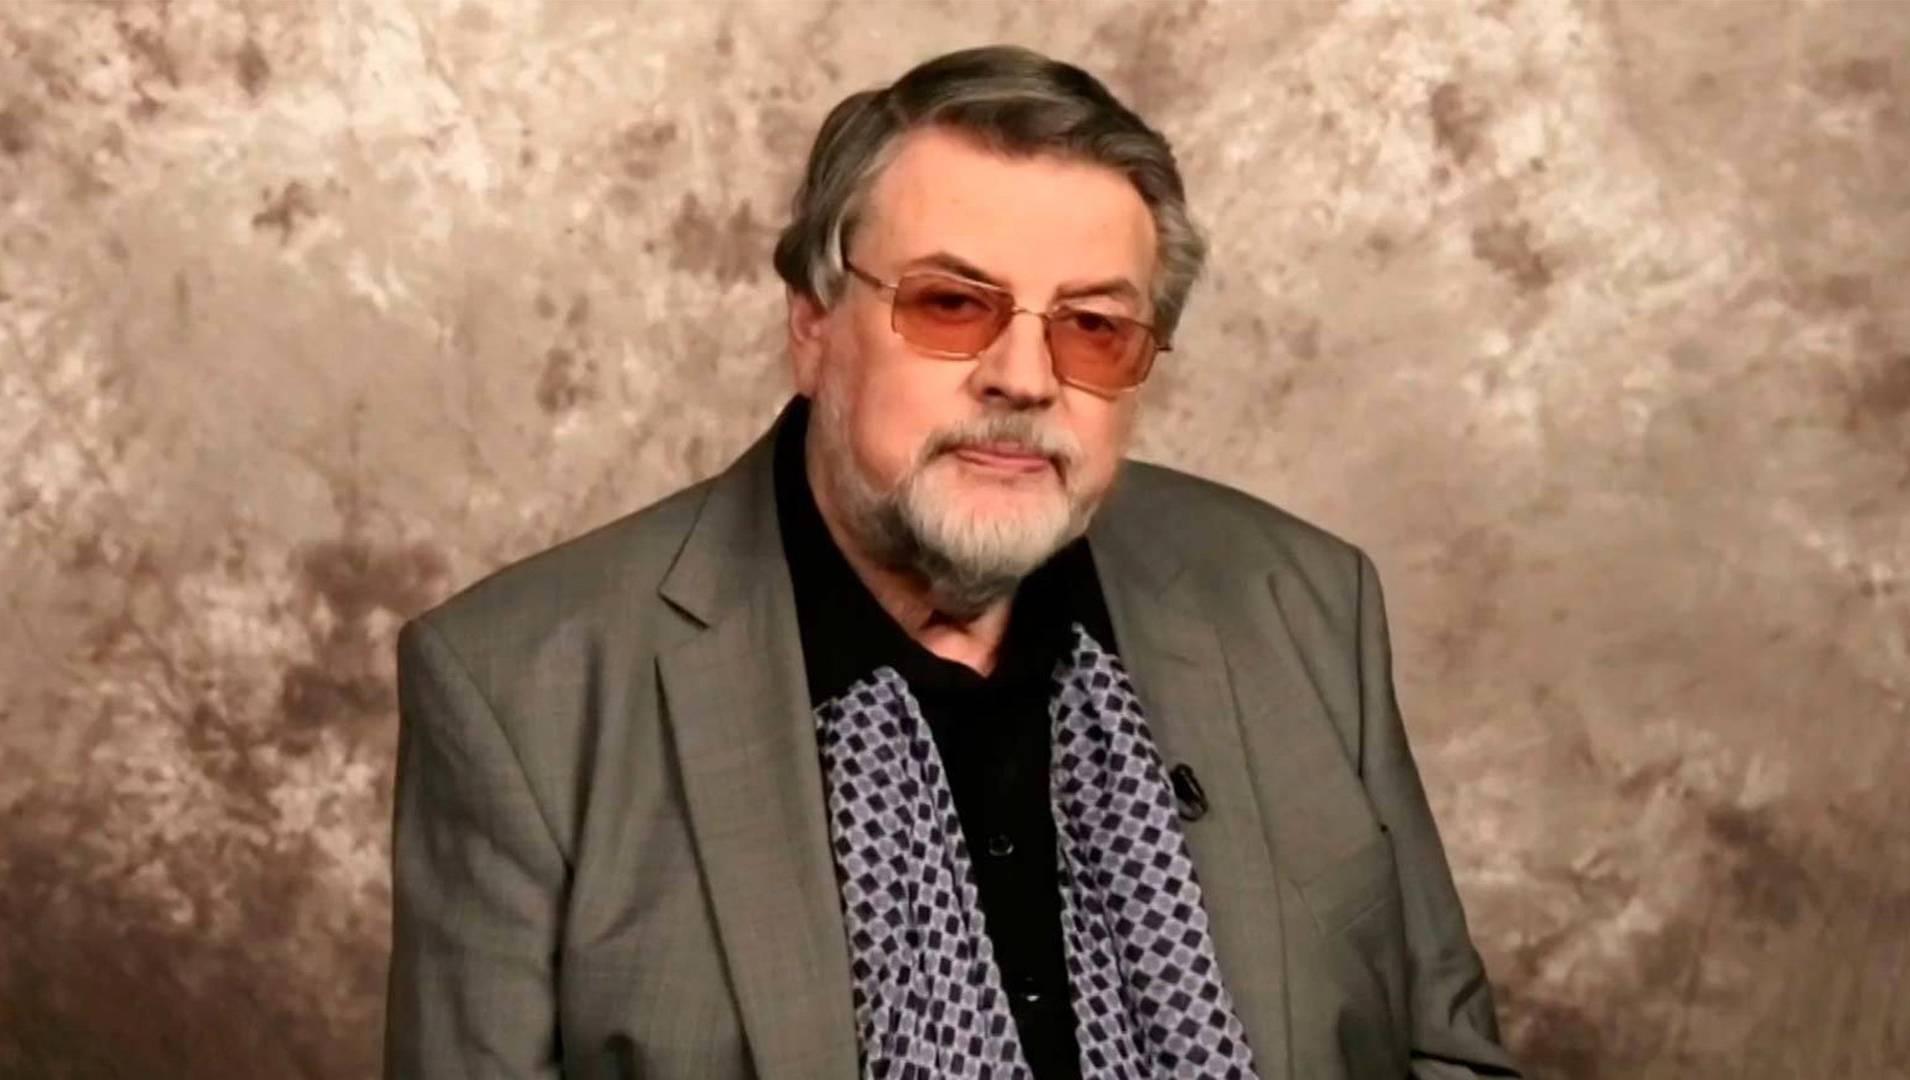 Александр Ширвиндт: Ирония спасает от всего  - Документальный фильм